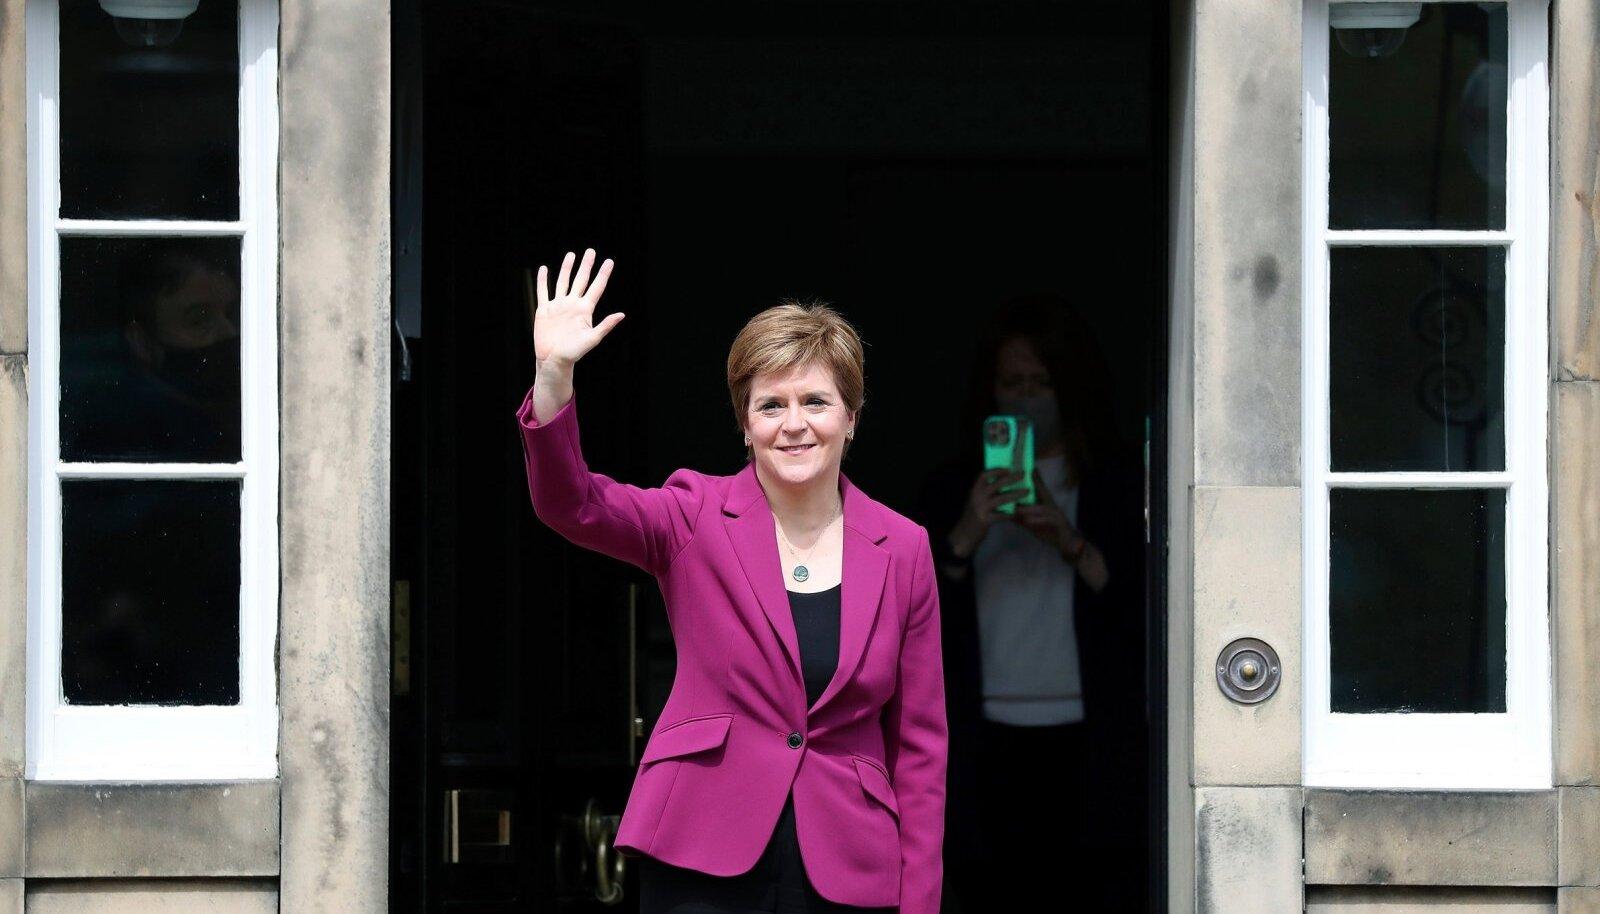 Võidukas Šotimaa esimene minister Nicola Sturgeon eile Edinburghis oma ametiresidentsi ees